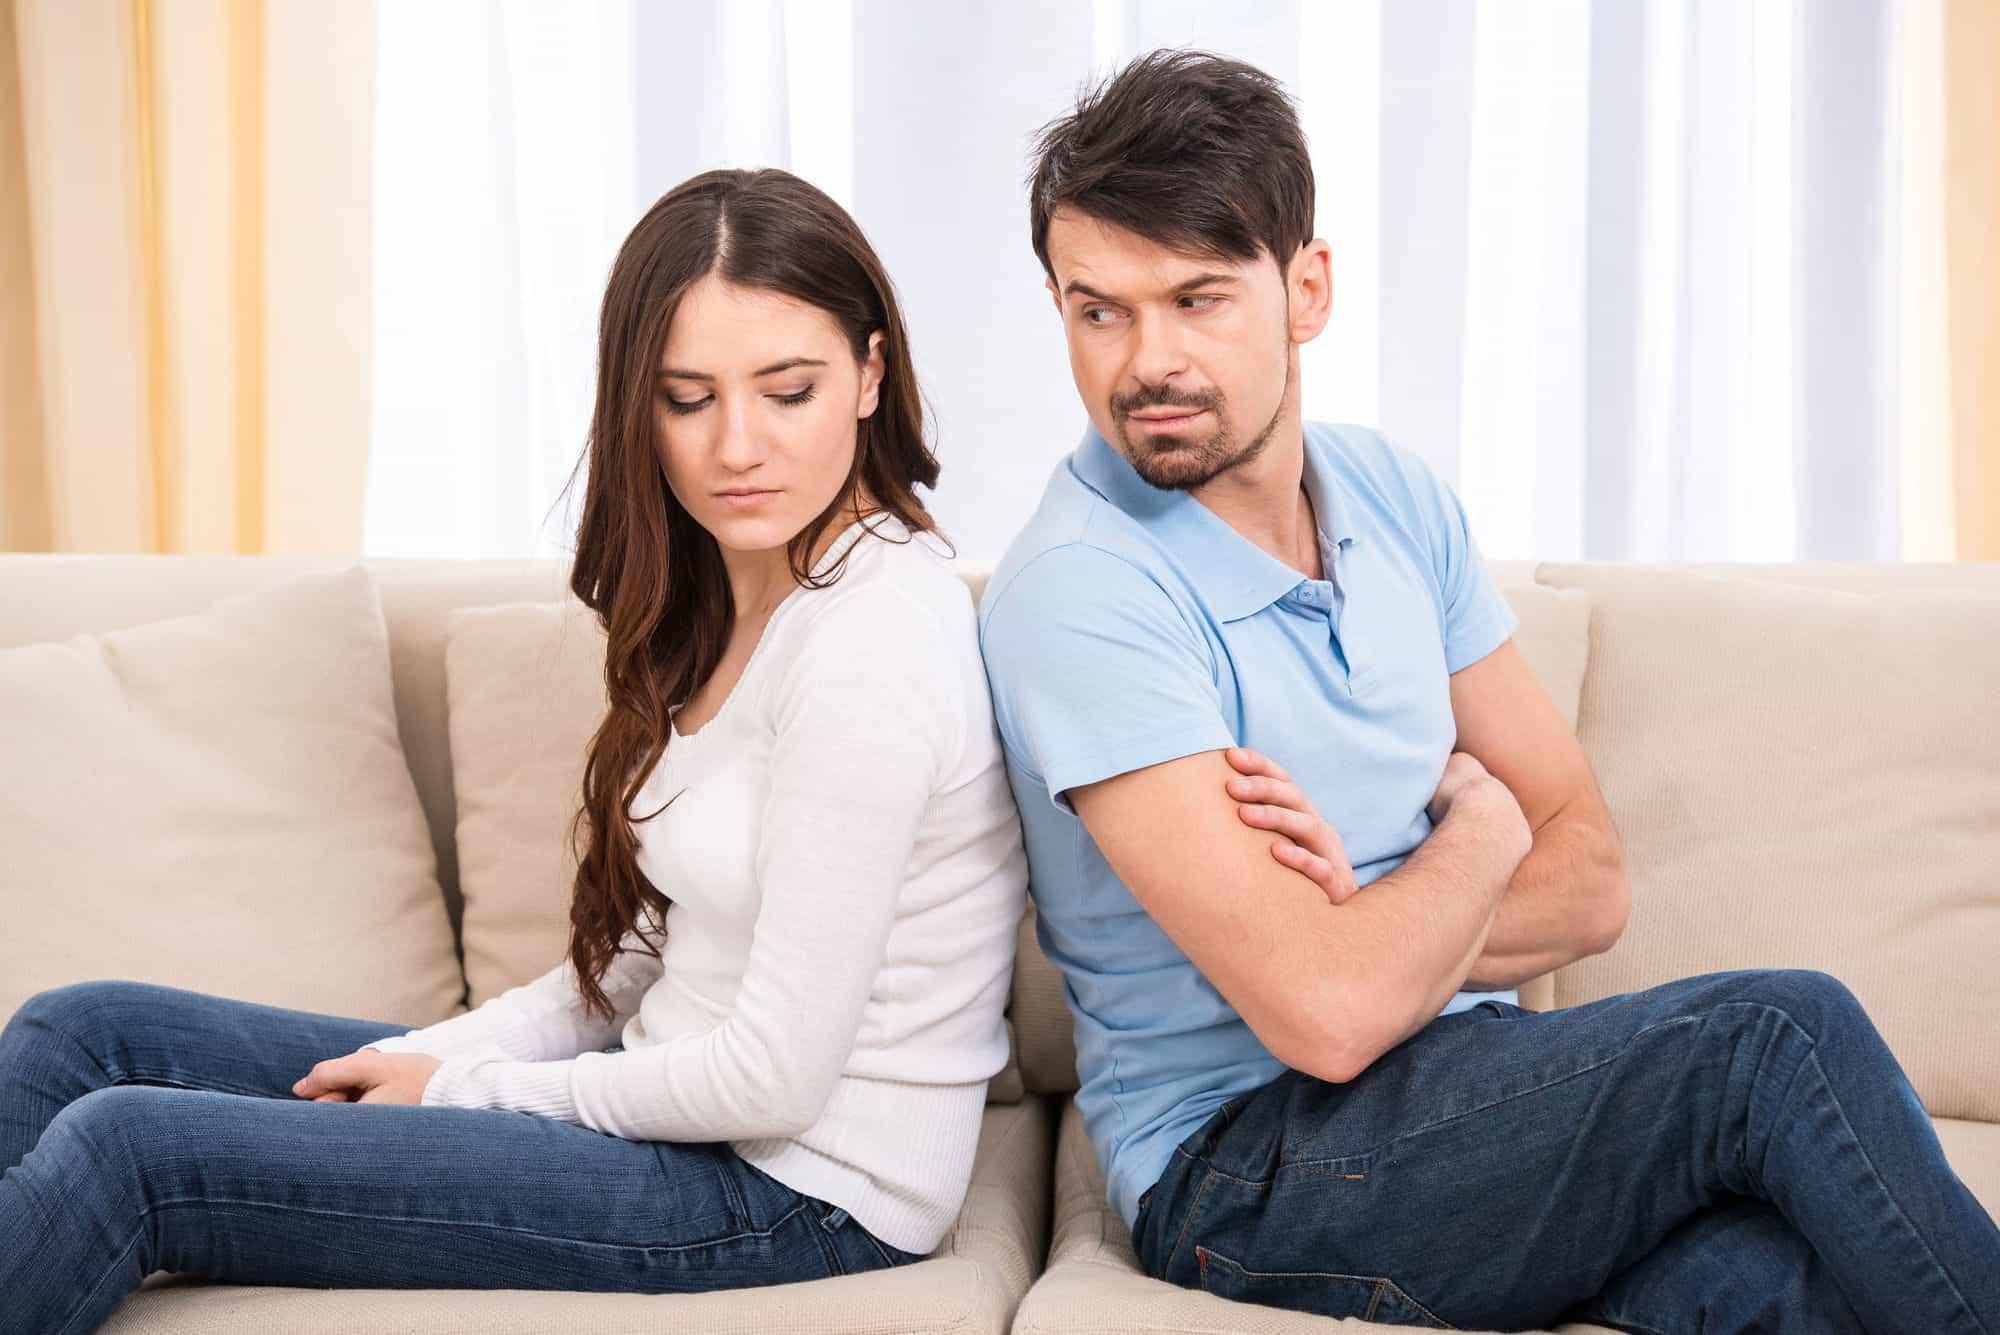 بالصور كلمات عتاب للزوج , عتاب الزوج بكلمات براقه 3771